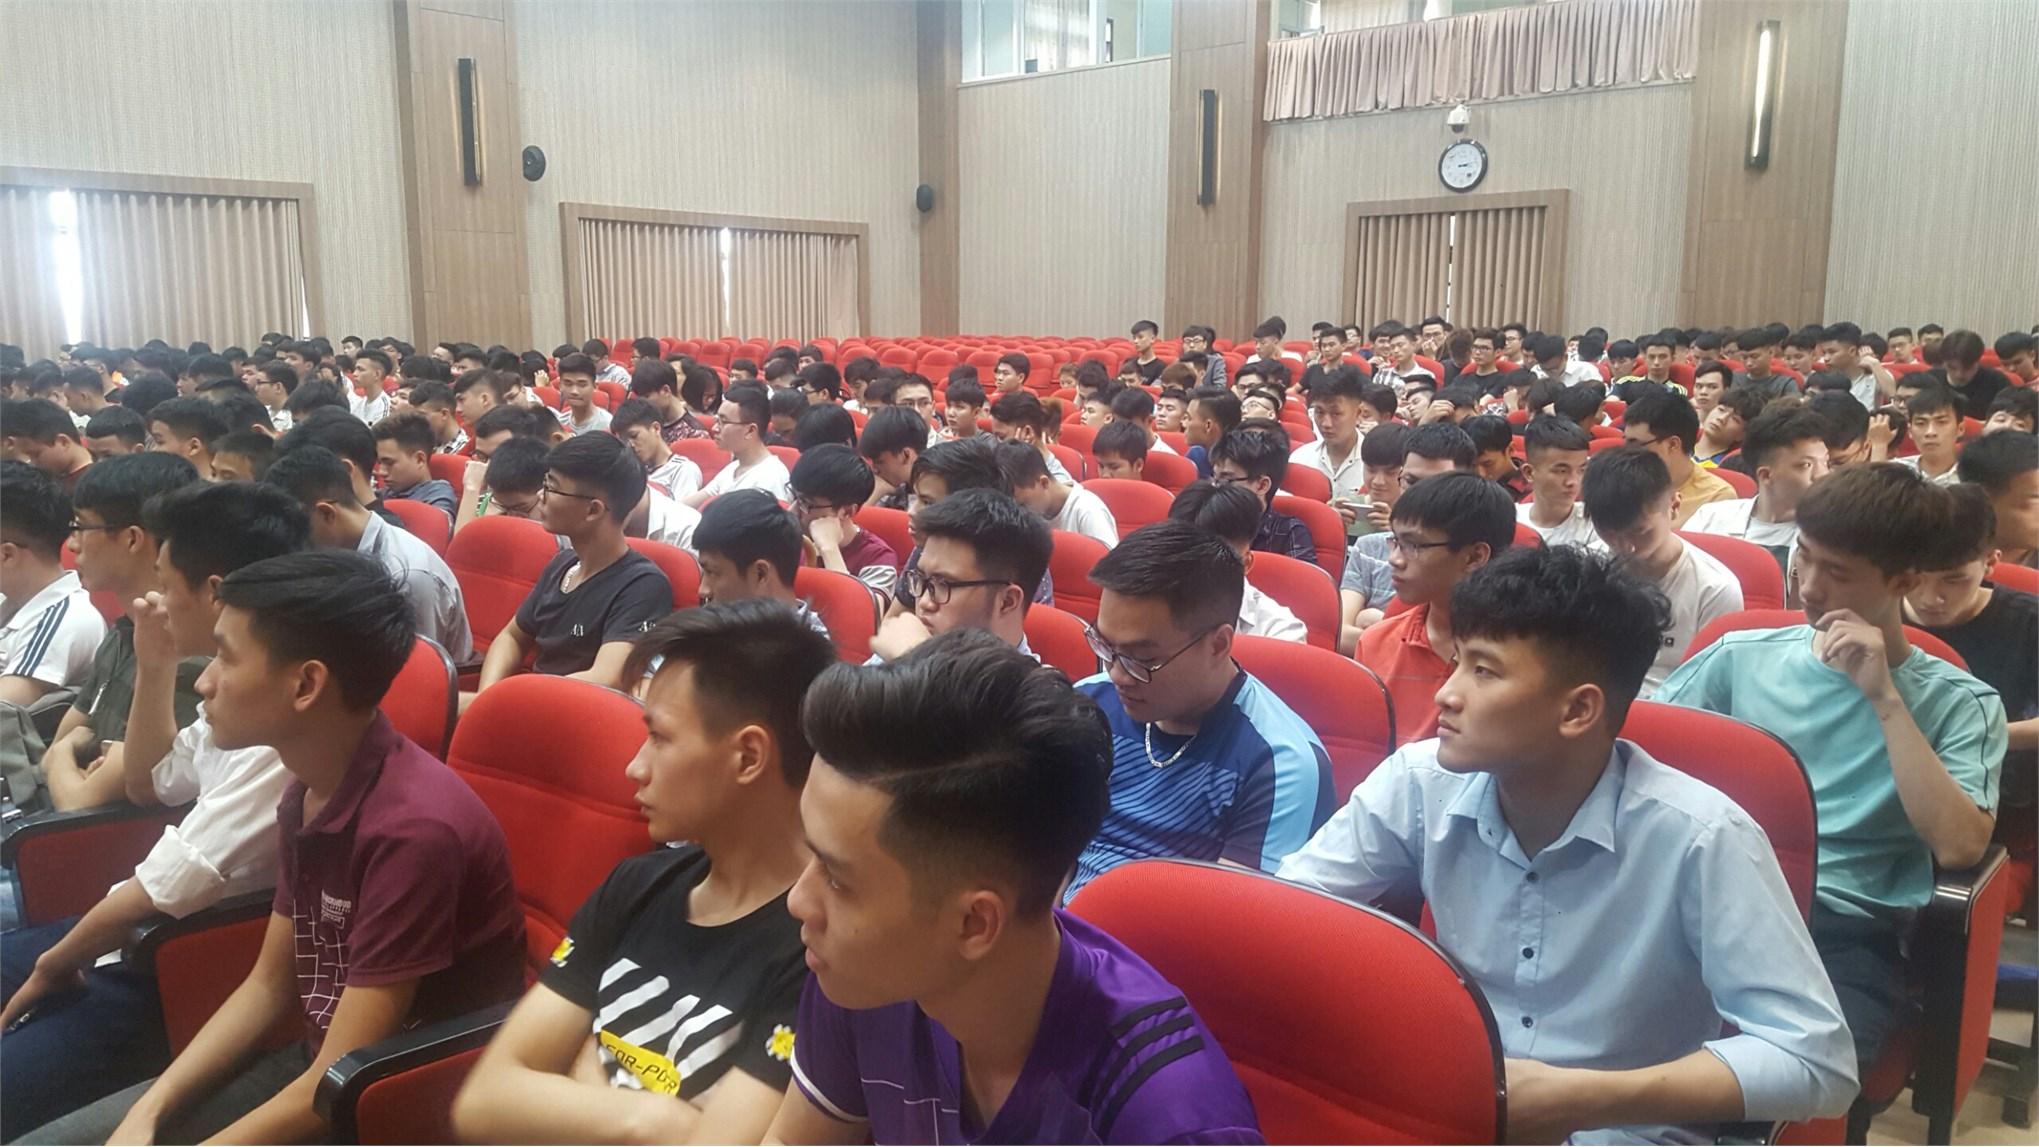 Cố vấn học tập cho sinh viên hệ Đại học K11, K12 học kỳ phụ hè 2019